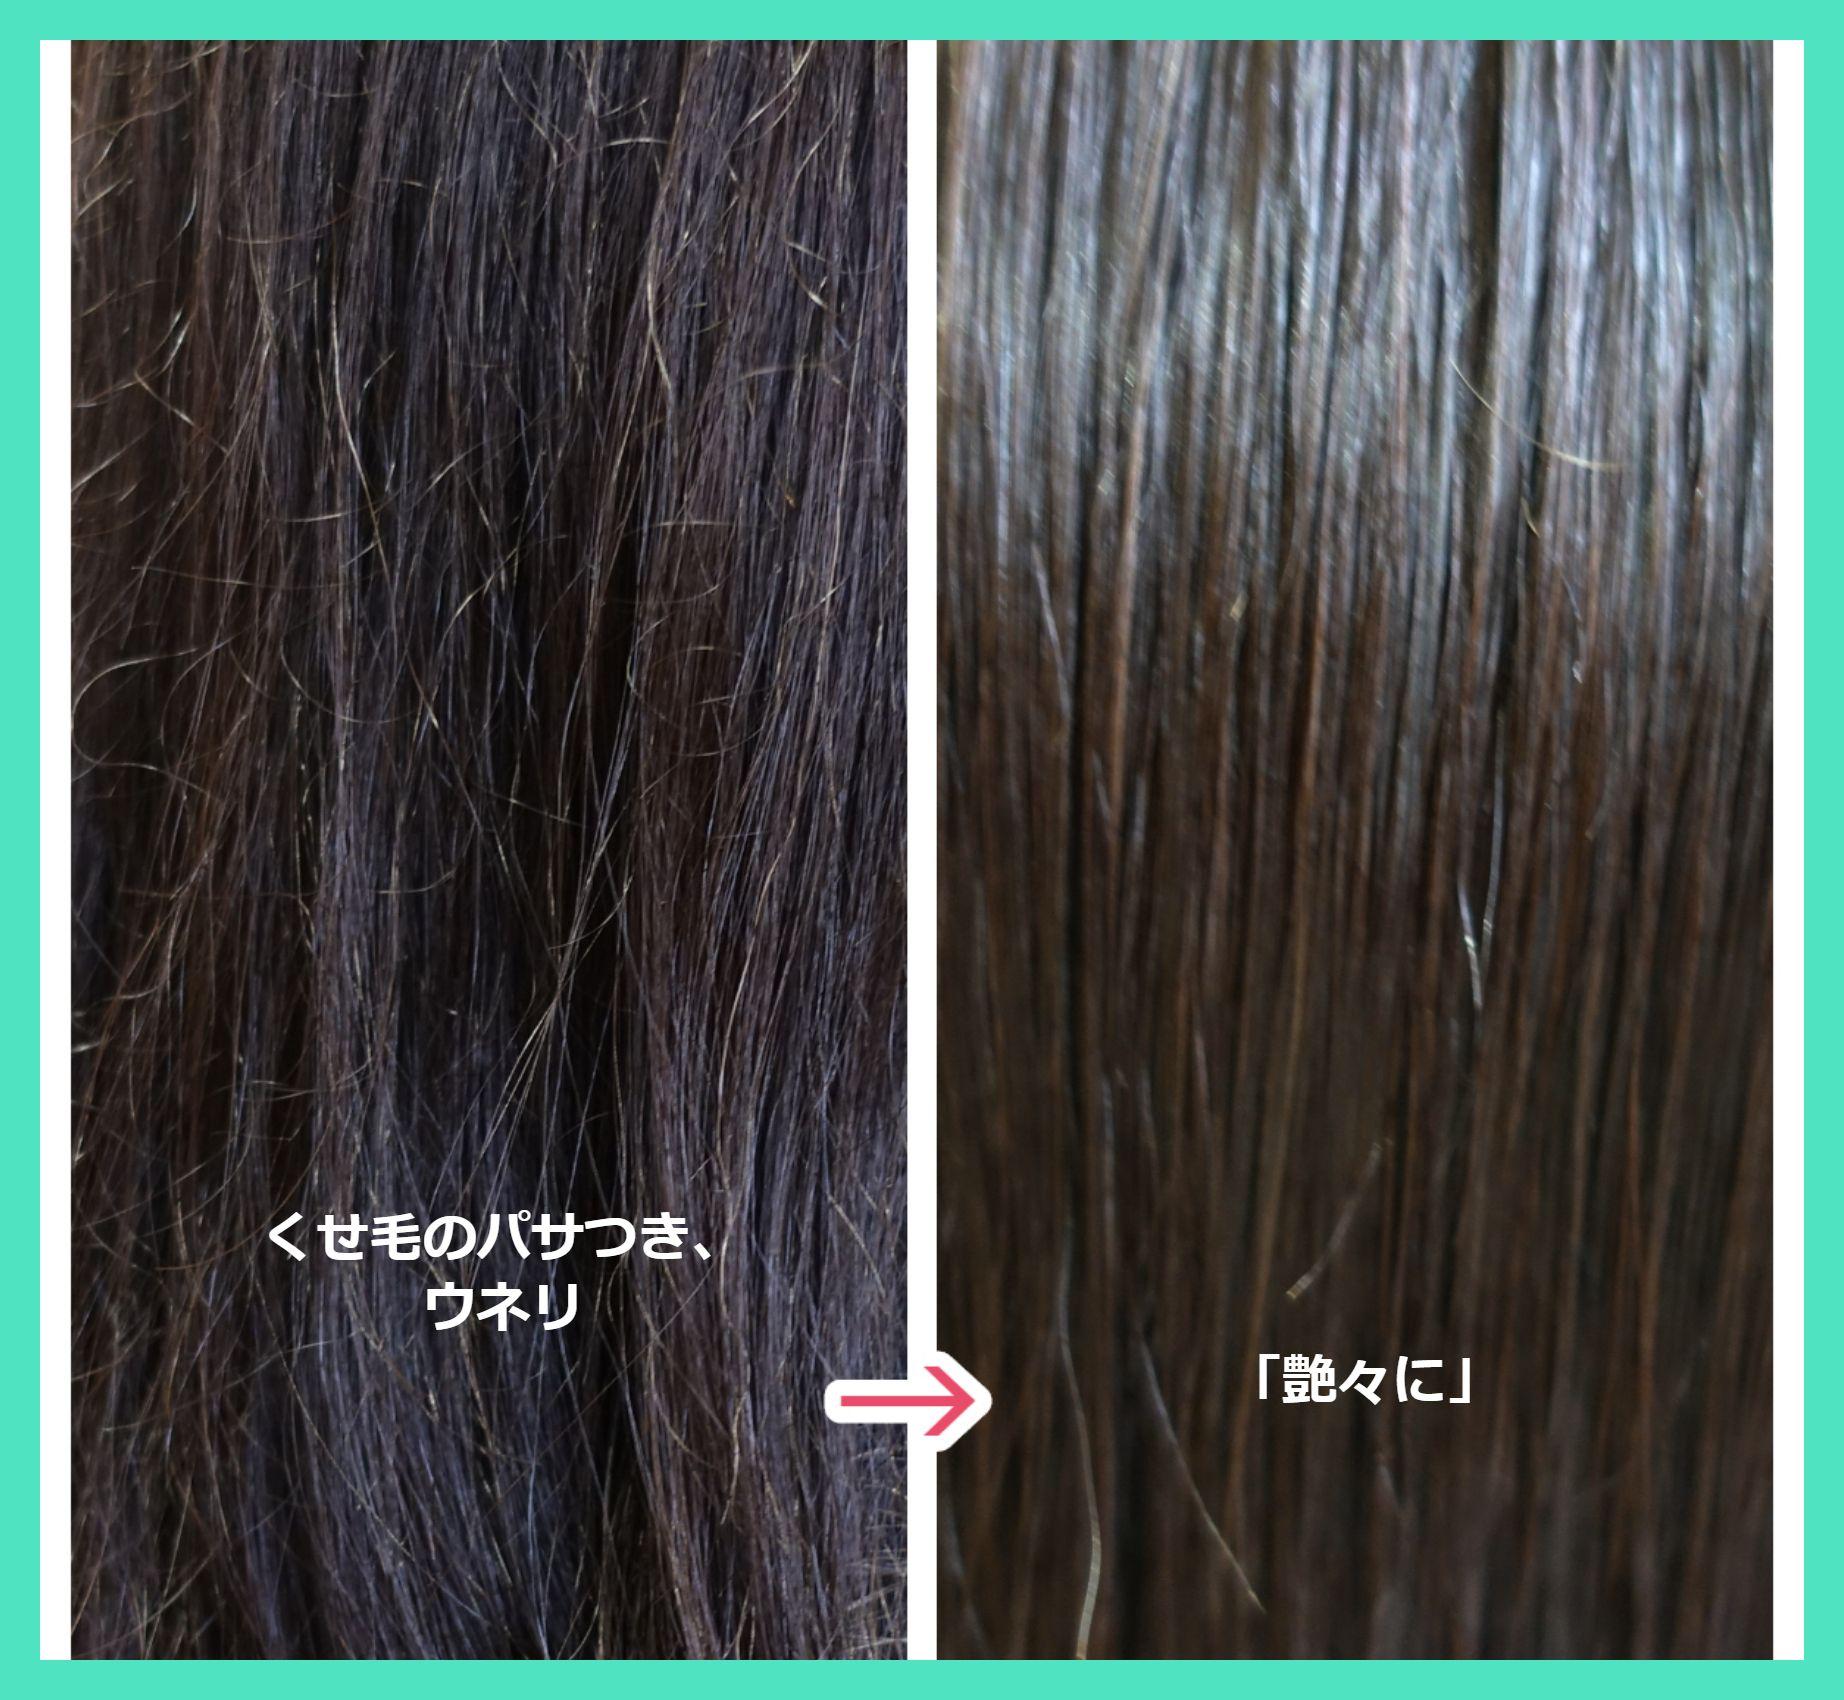 送料無料 プリュムヘアオイル 髪の質感改善 2020 ヘアケア